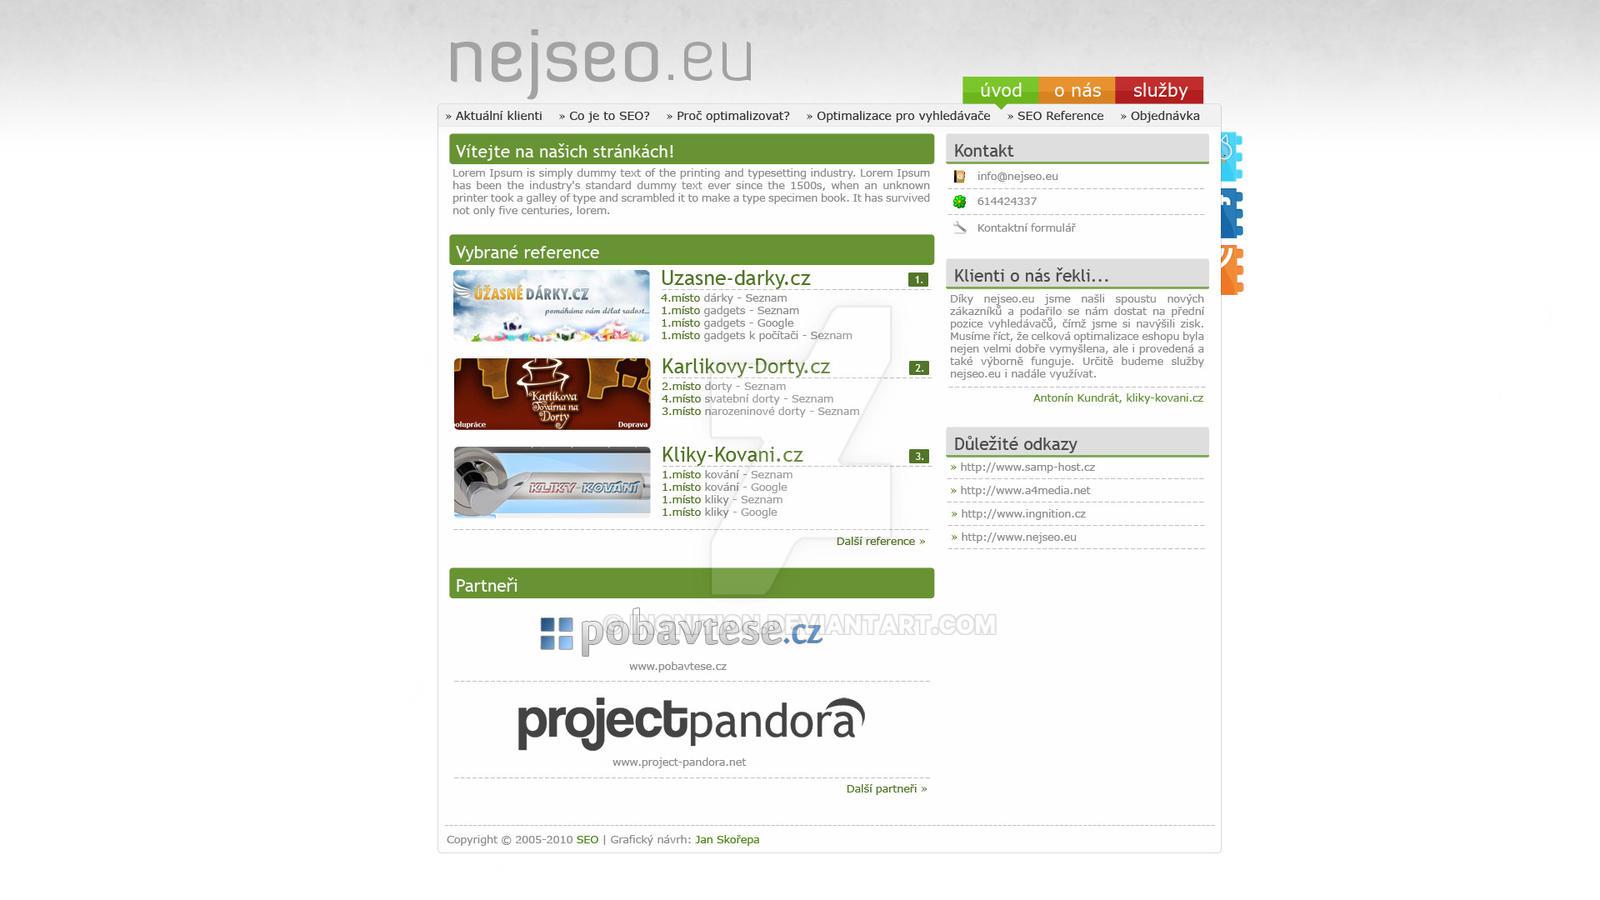 NejSEO.eu - webdesign v2 by Ingnition